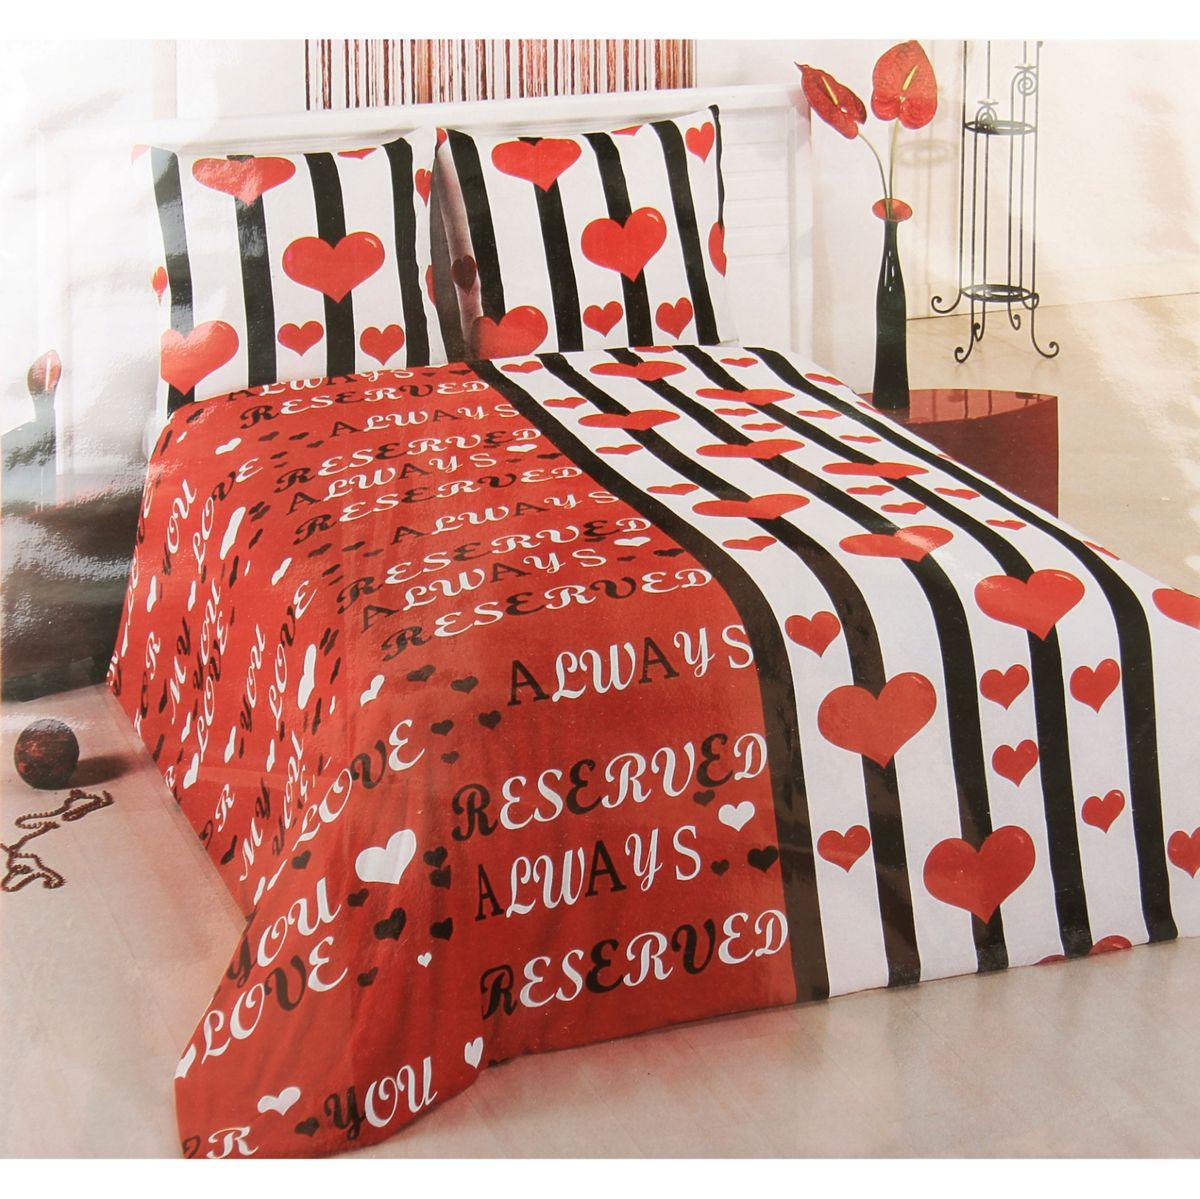 Комплект белья ANTALYA, 2-спальный, наволочки 70x70. 824701824701произведено из высококачественного турецкого хлопка, простынка на резинке, пододеяльник и наволочки на замке